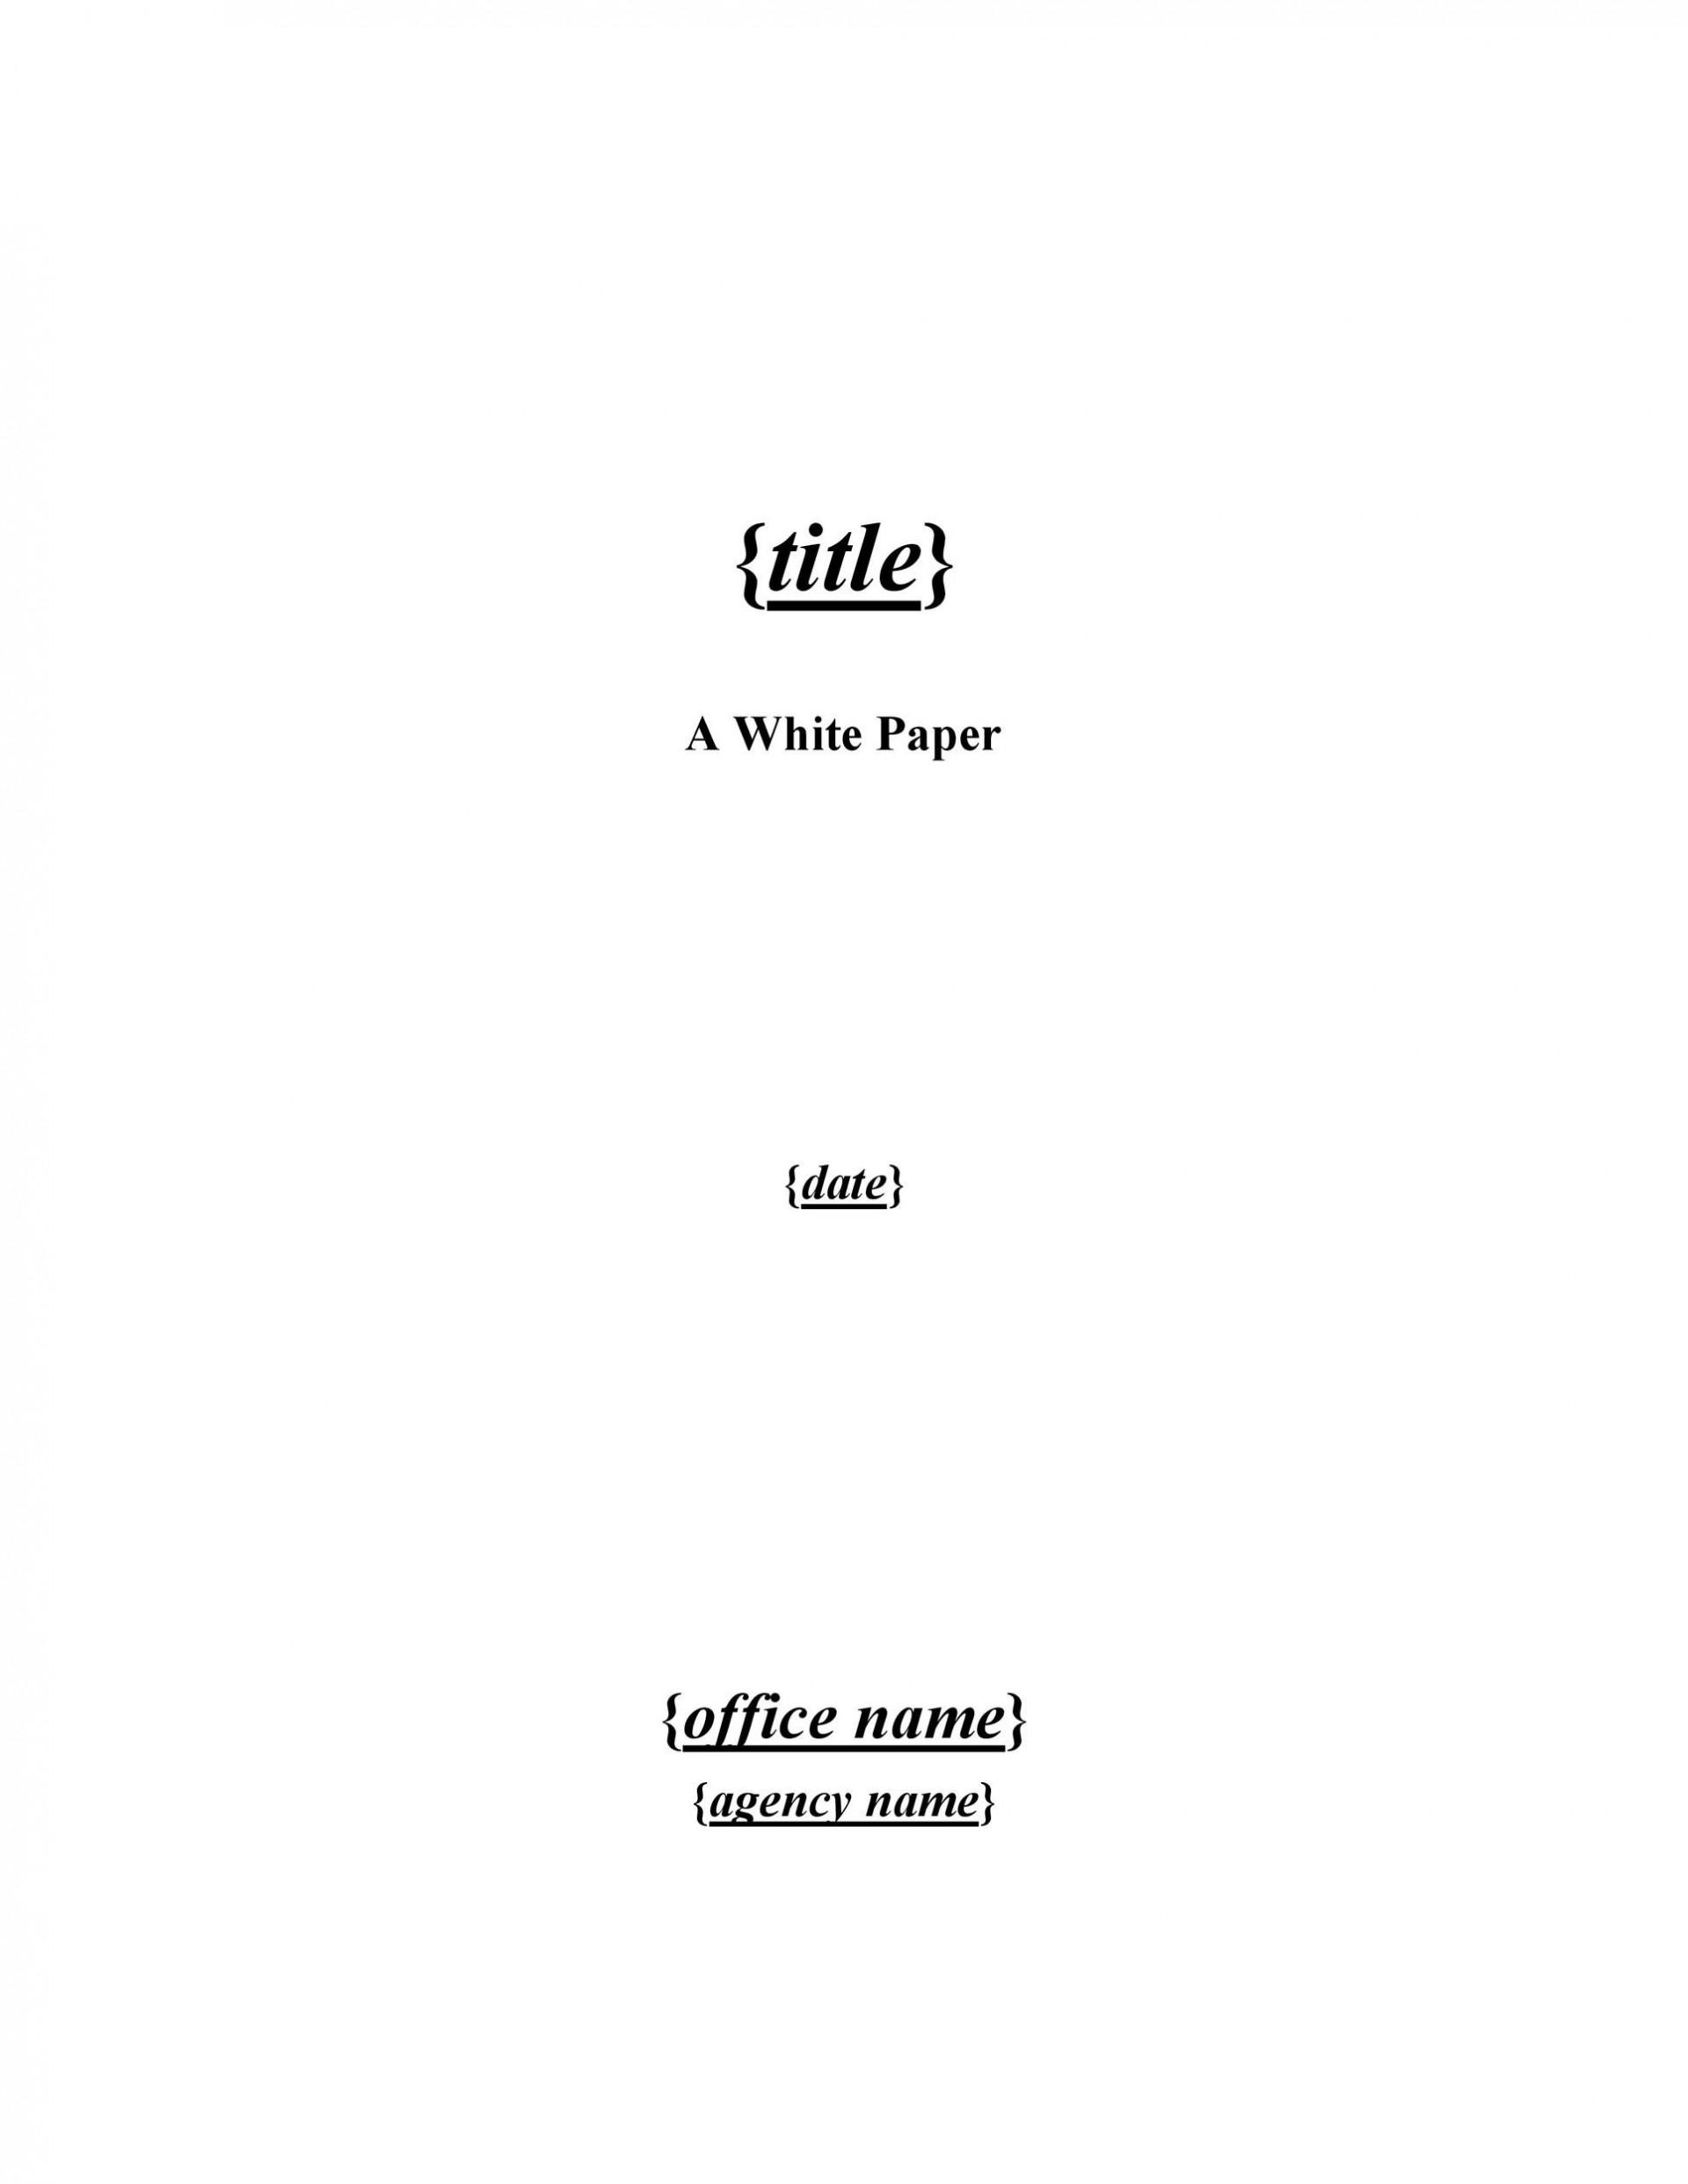 003 Impressive Free White Paper Template Microsoft Word Idea 1920